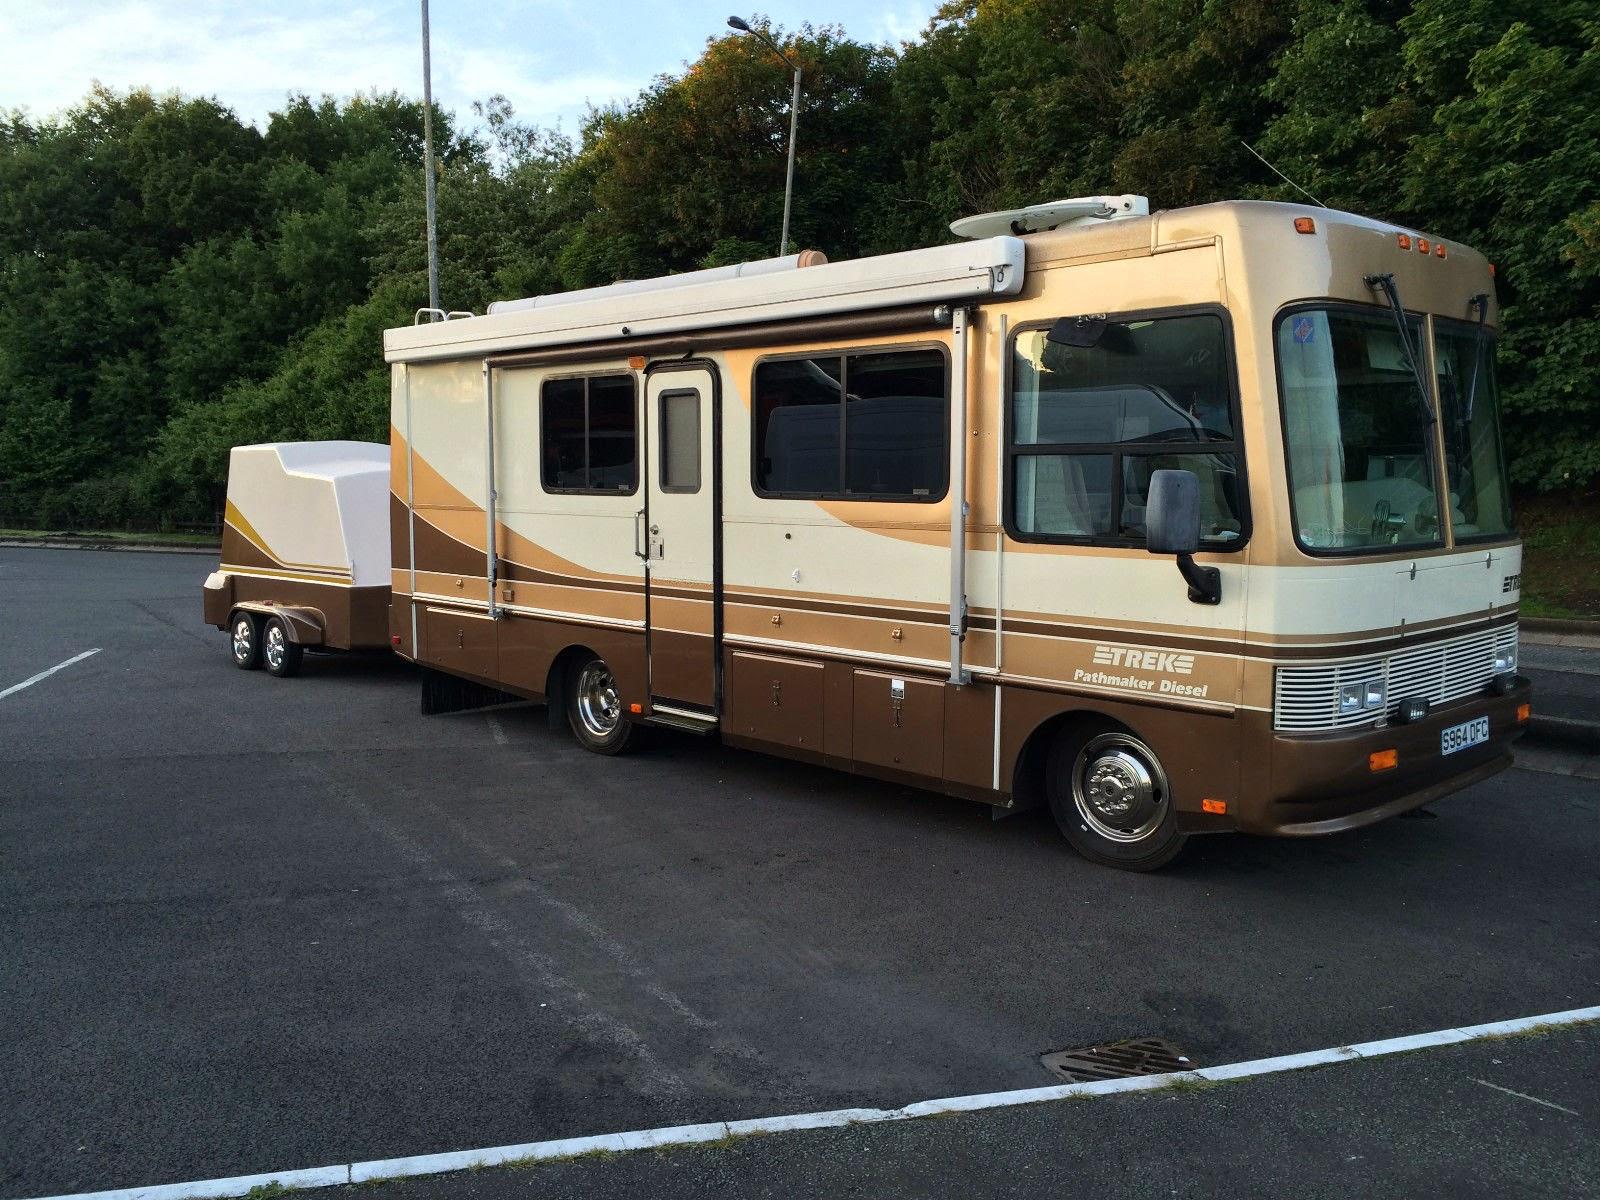 1995 Safari Rvs Motorhomes For Sale Used Motorhomes Rvs On